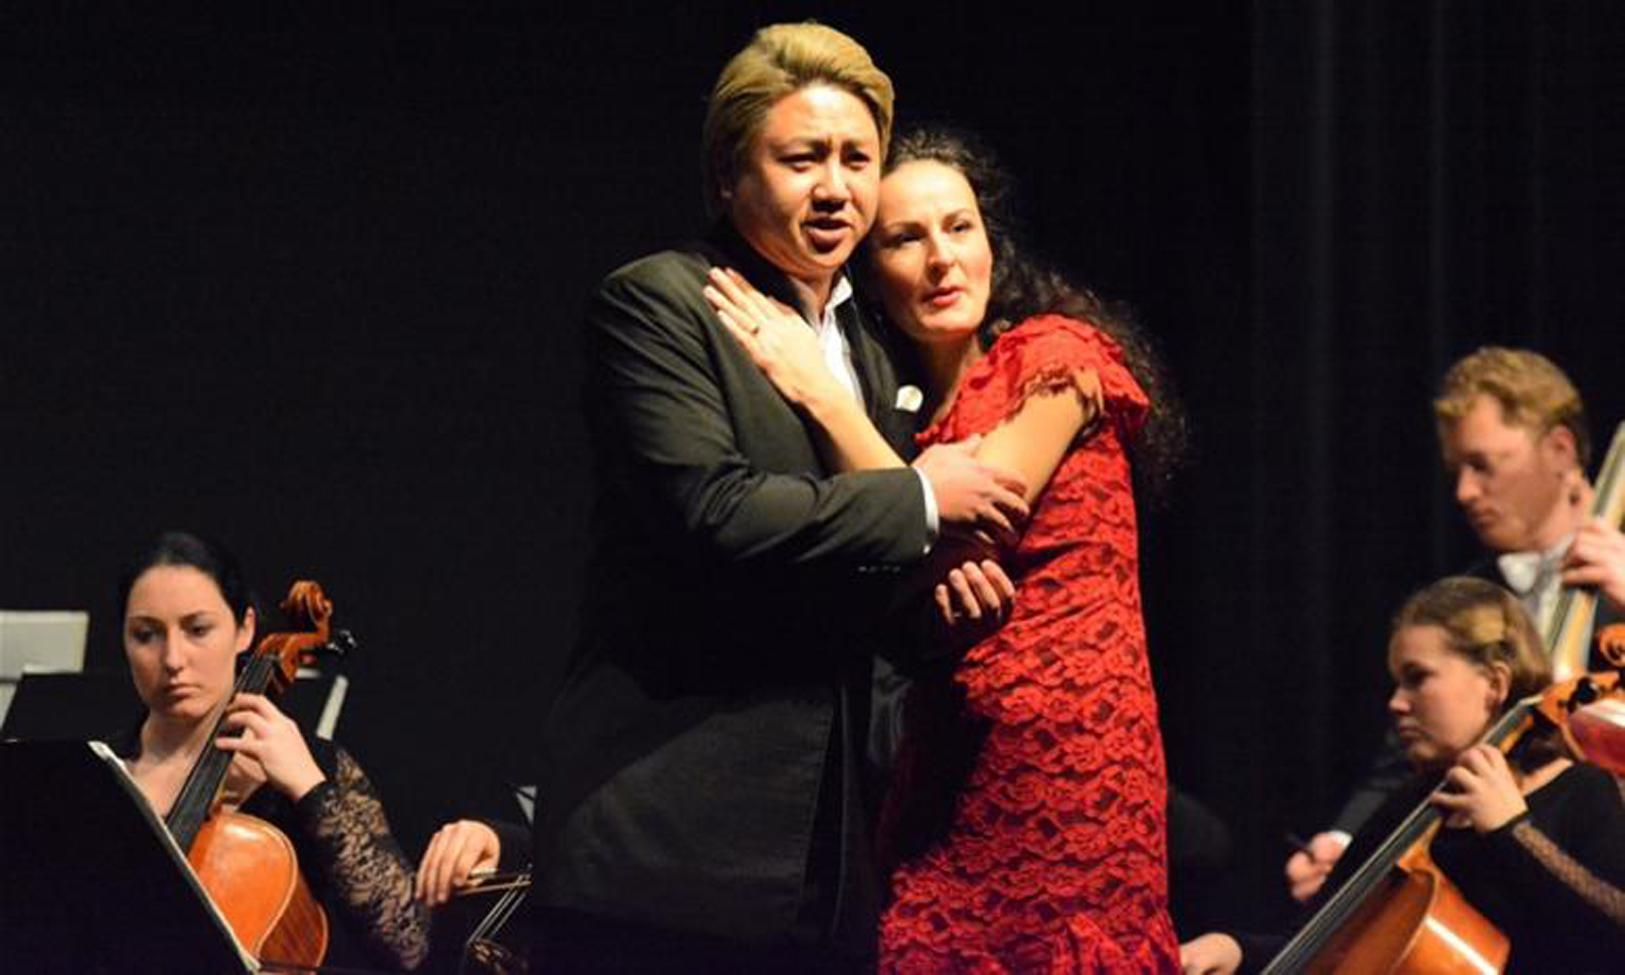 """Duette, die große Emotionen freisetzen: Kyubong Lee und Luminita Andrei mit Ausschnitten aus Verdis """"Rigoletto"""" und eine Mozart-Zugabe aus """"Don Giovanni""""."""